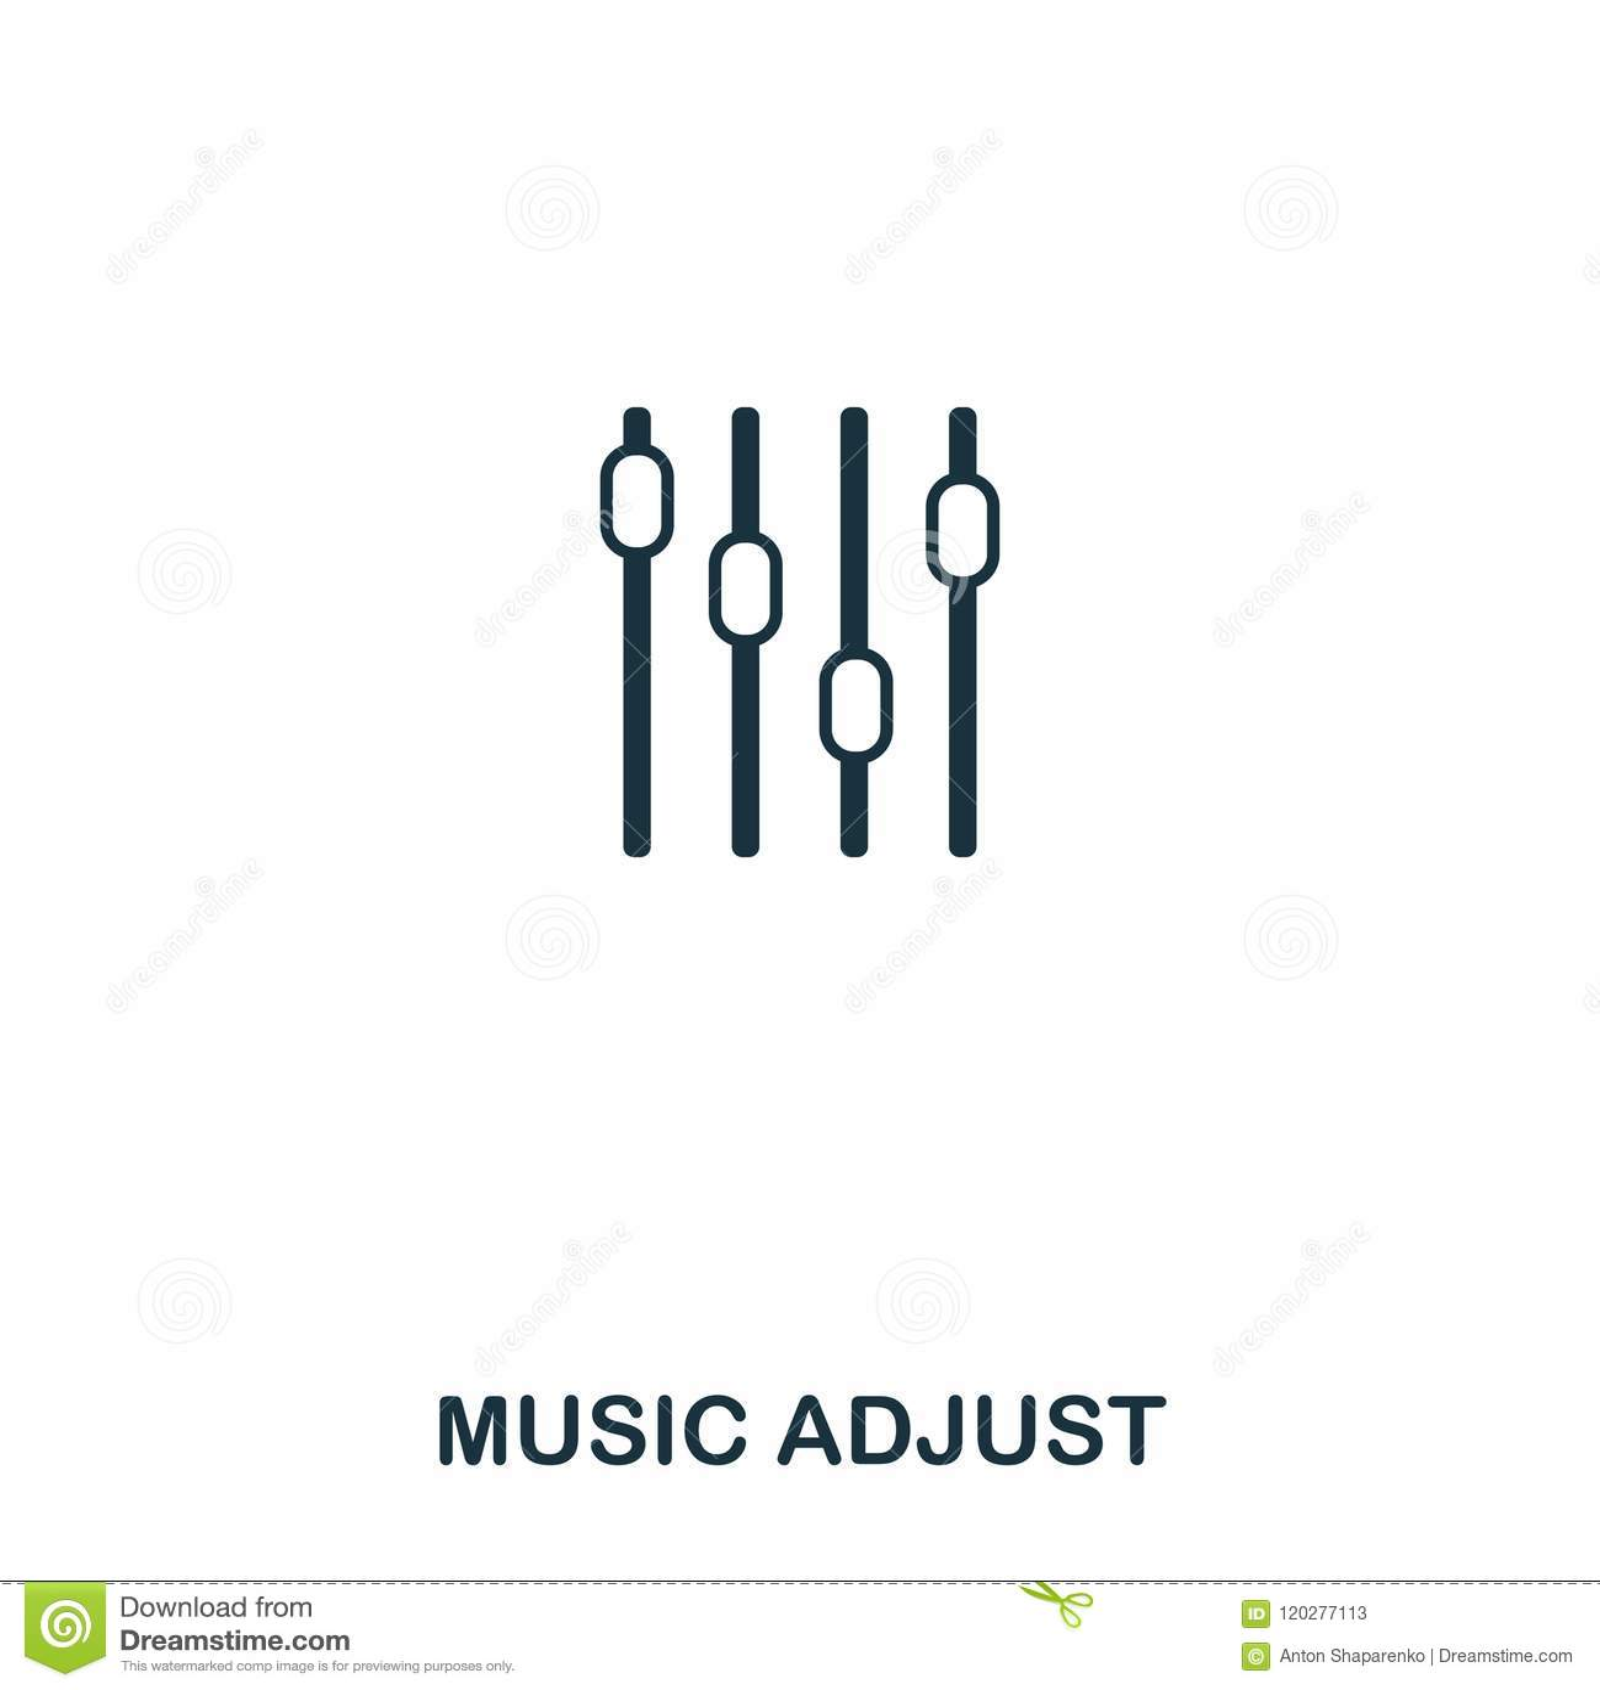 Музыка регулирует значок Линия дизайн значка стиля Ui Иллюстрация музыки регулирует значок пиктограмма изолированная на белизне П